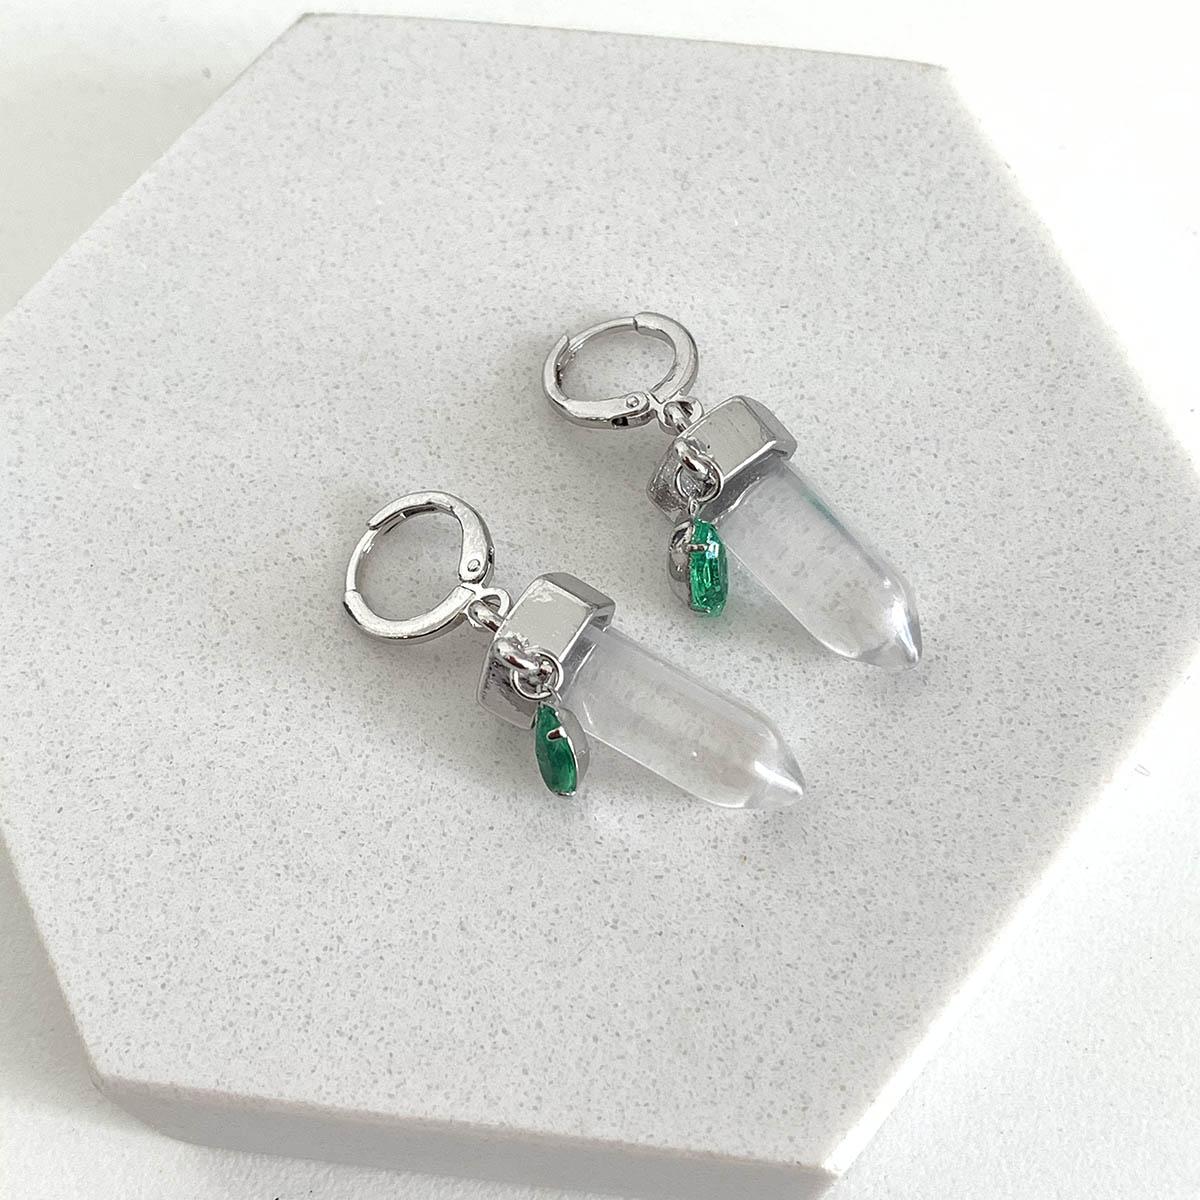 Brinco de Bijuteria Argola com Pingente Ponta de Cristal e Pedra Verde Prateado